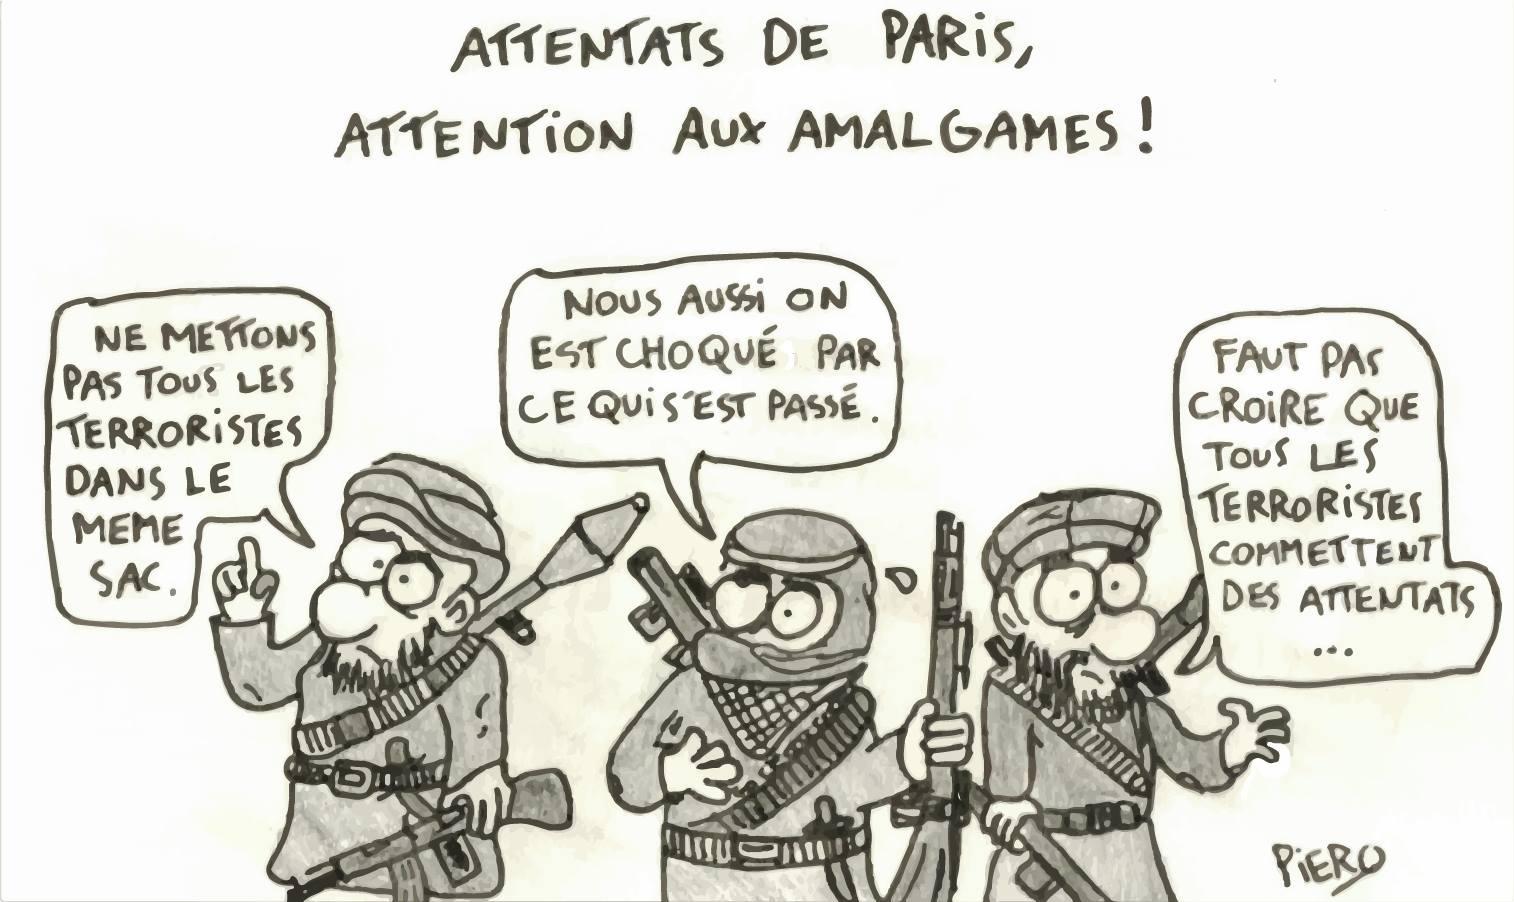 Attentats de Paris, attention aux amalgames !